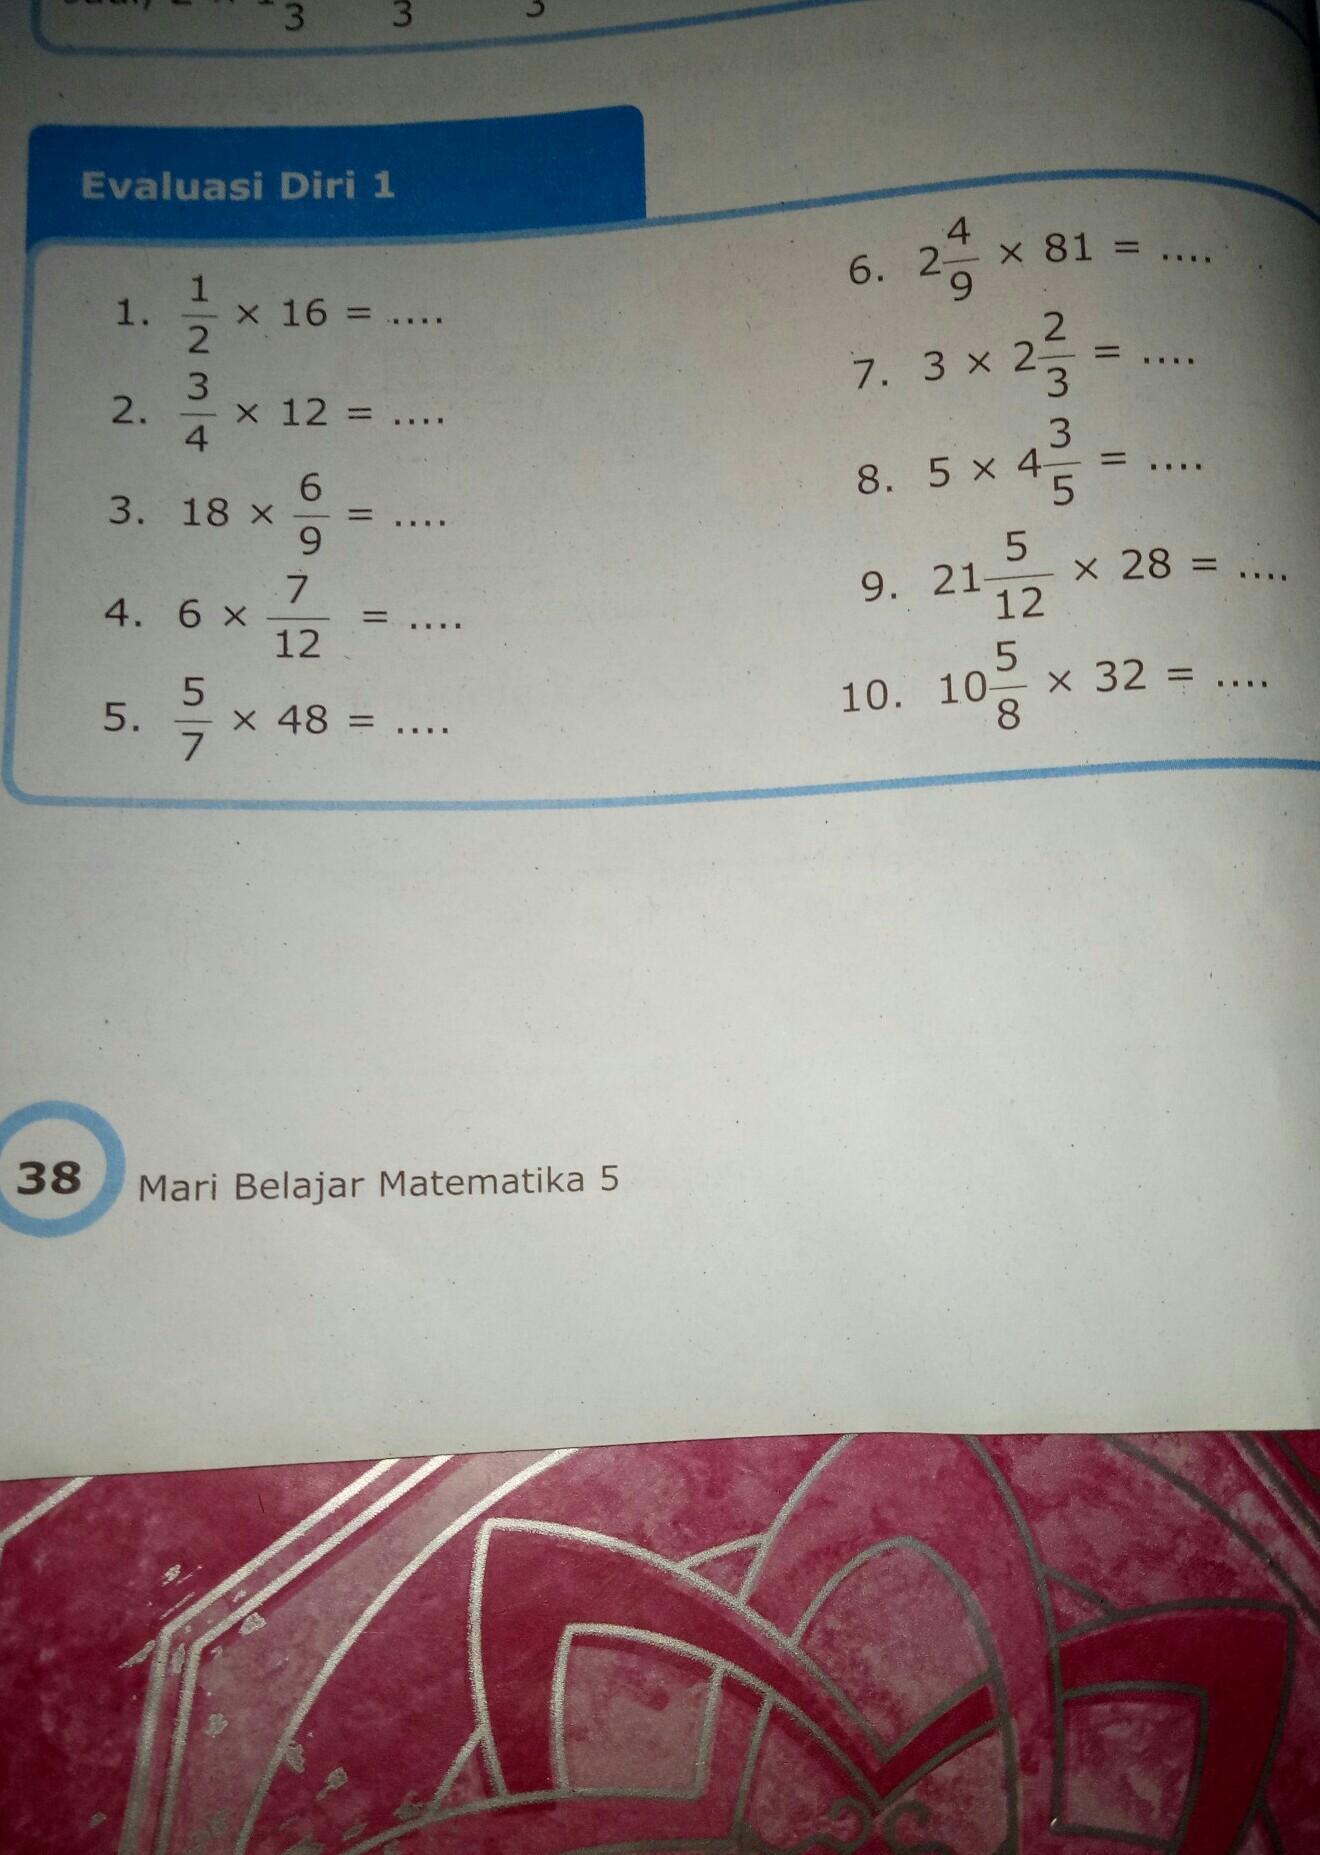 Mtk Jawaban Evaluasi Diri 3 Matematika Kelas 5 Guru Paud